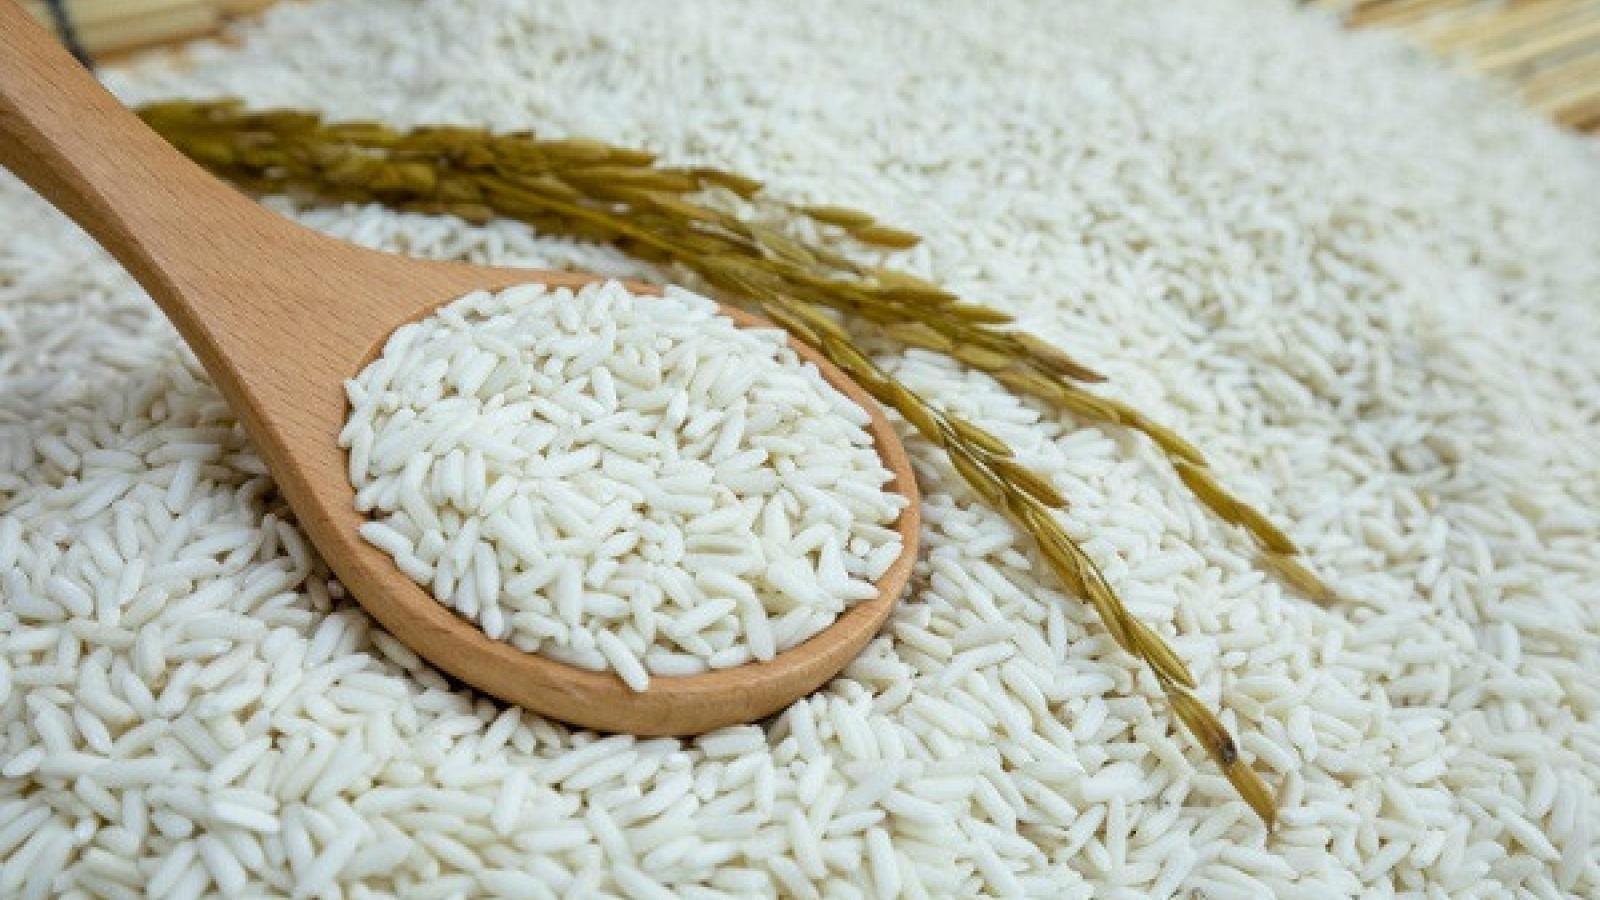 Sẽ mở đăng ký tờ khai hải quan xuất khẩu gạo nếp từ 0h ngày 23/4/2020